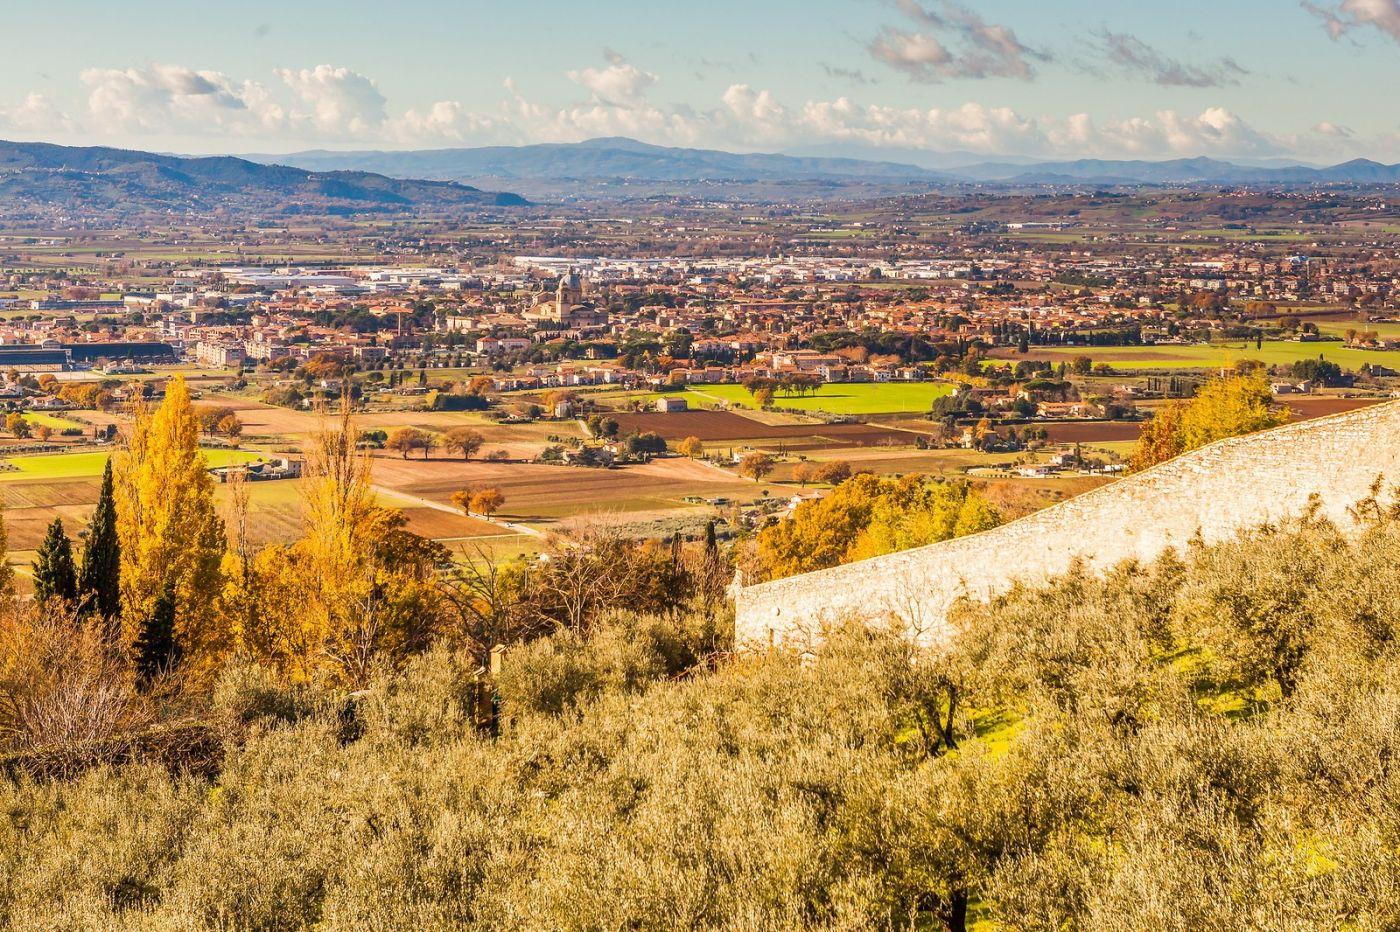 意大利阿西西(Assisi), 登高放眼_图1-34